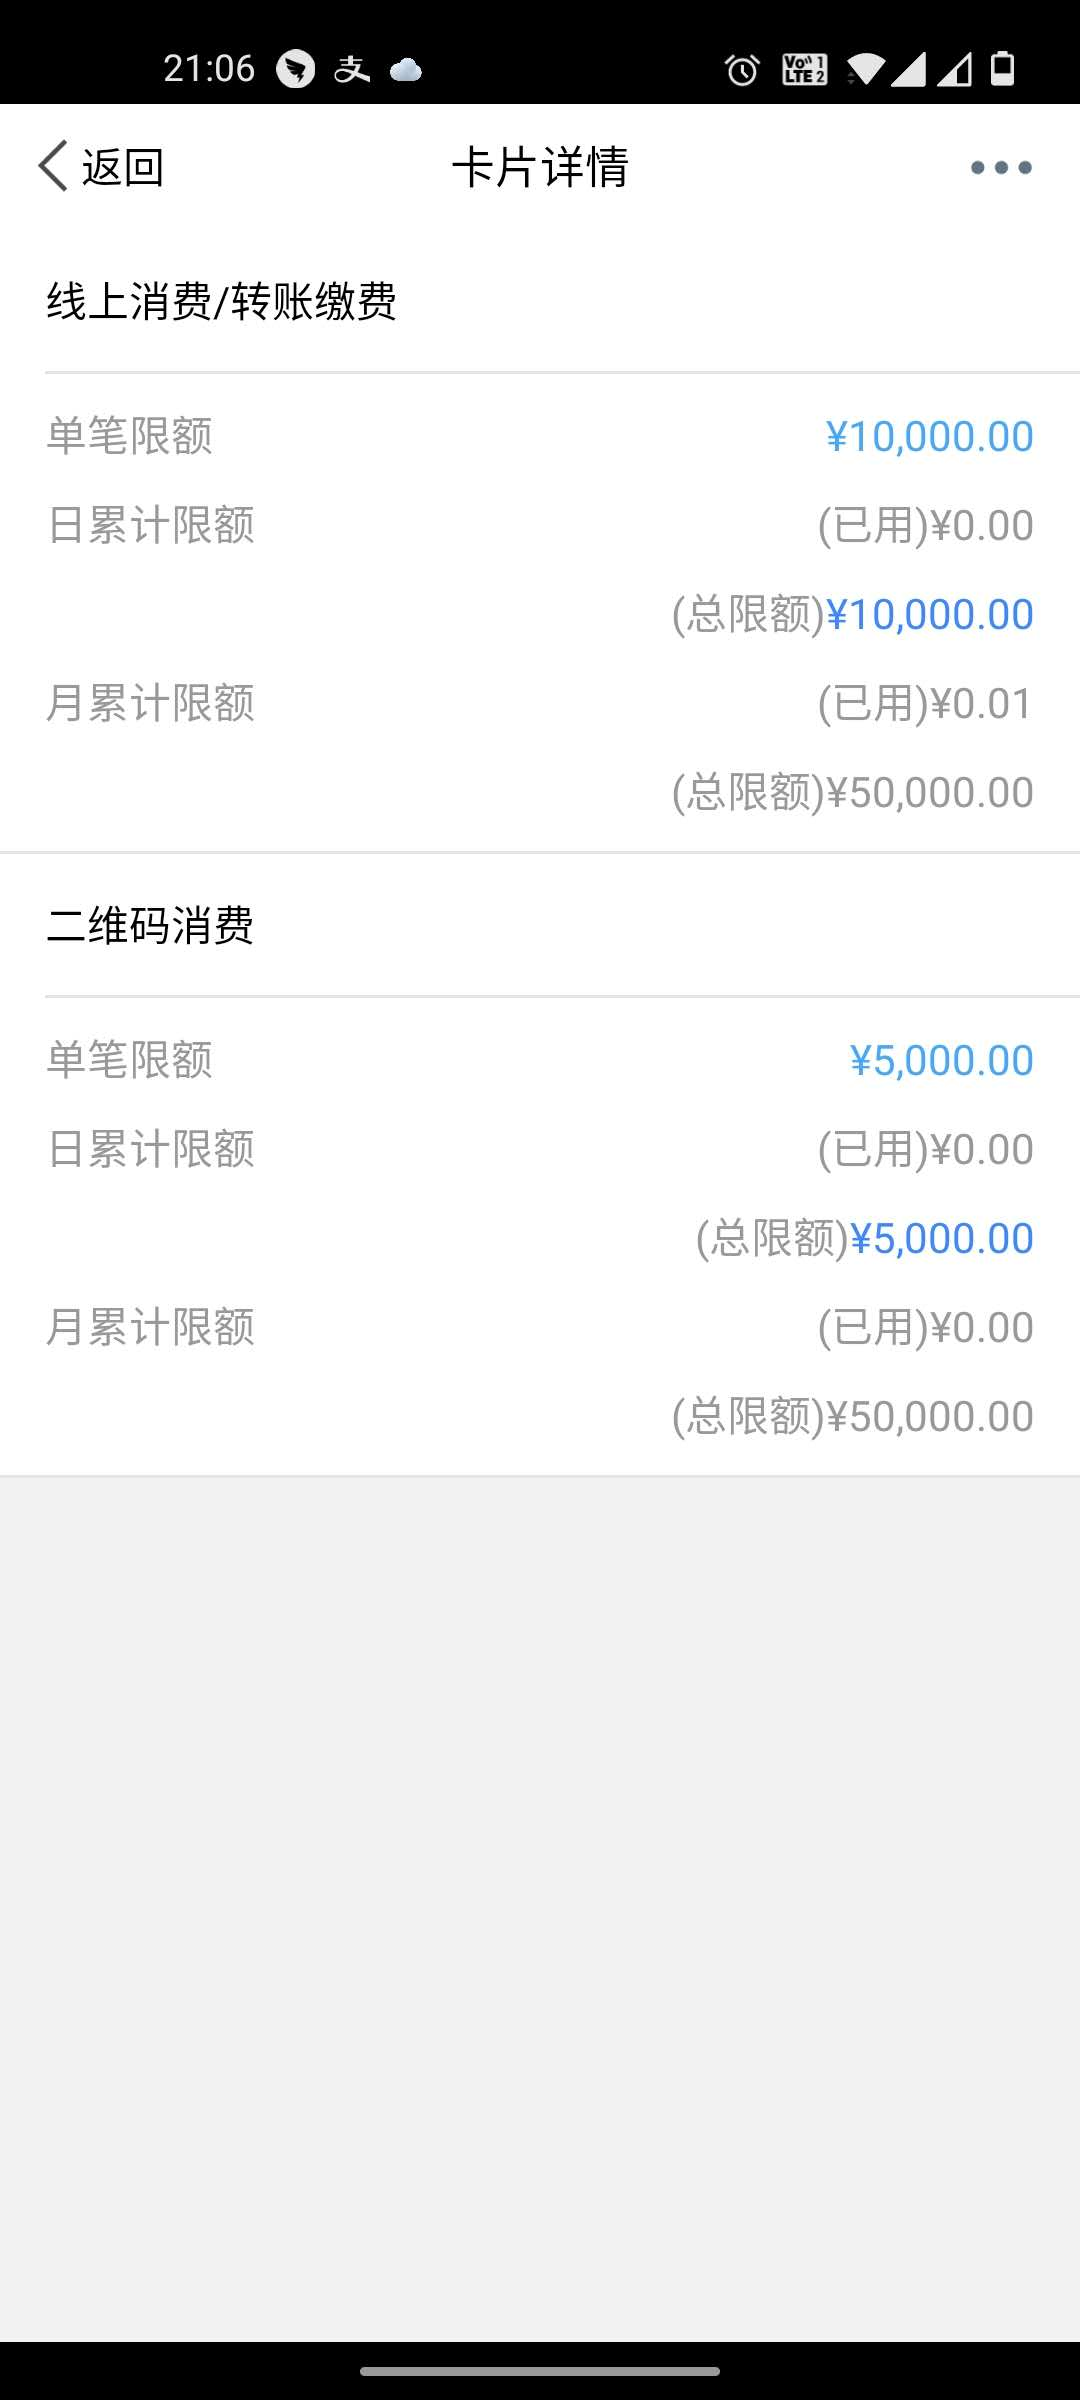 登录工商银行 APP,查看卡片详情。月累计限额为(已用)0.01元。(总限额)50000元。确定并未超额。